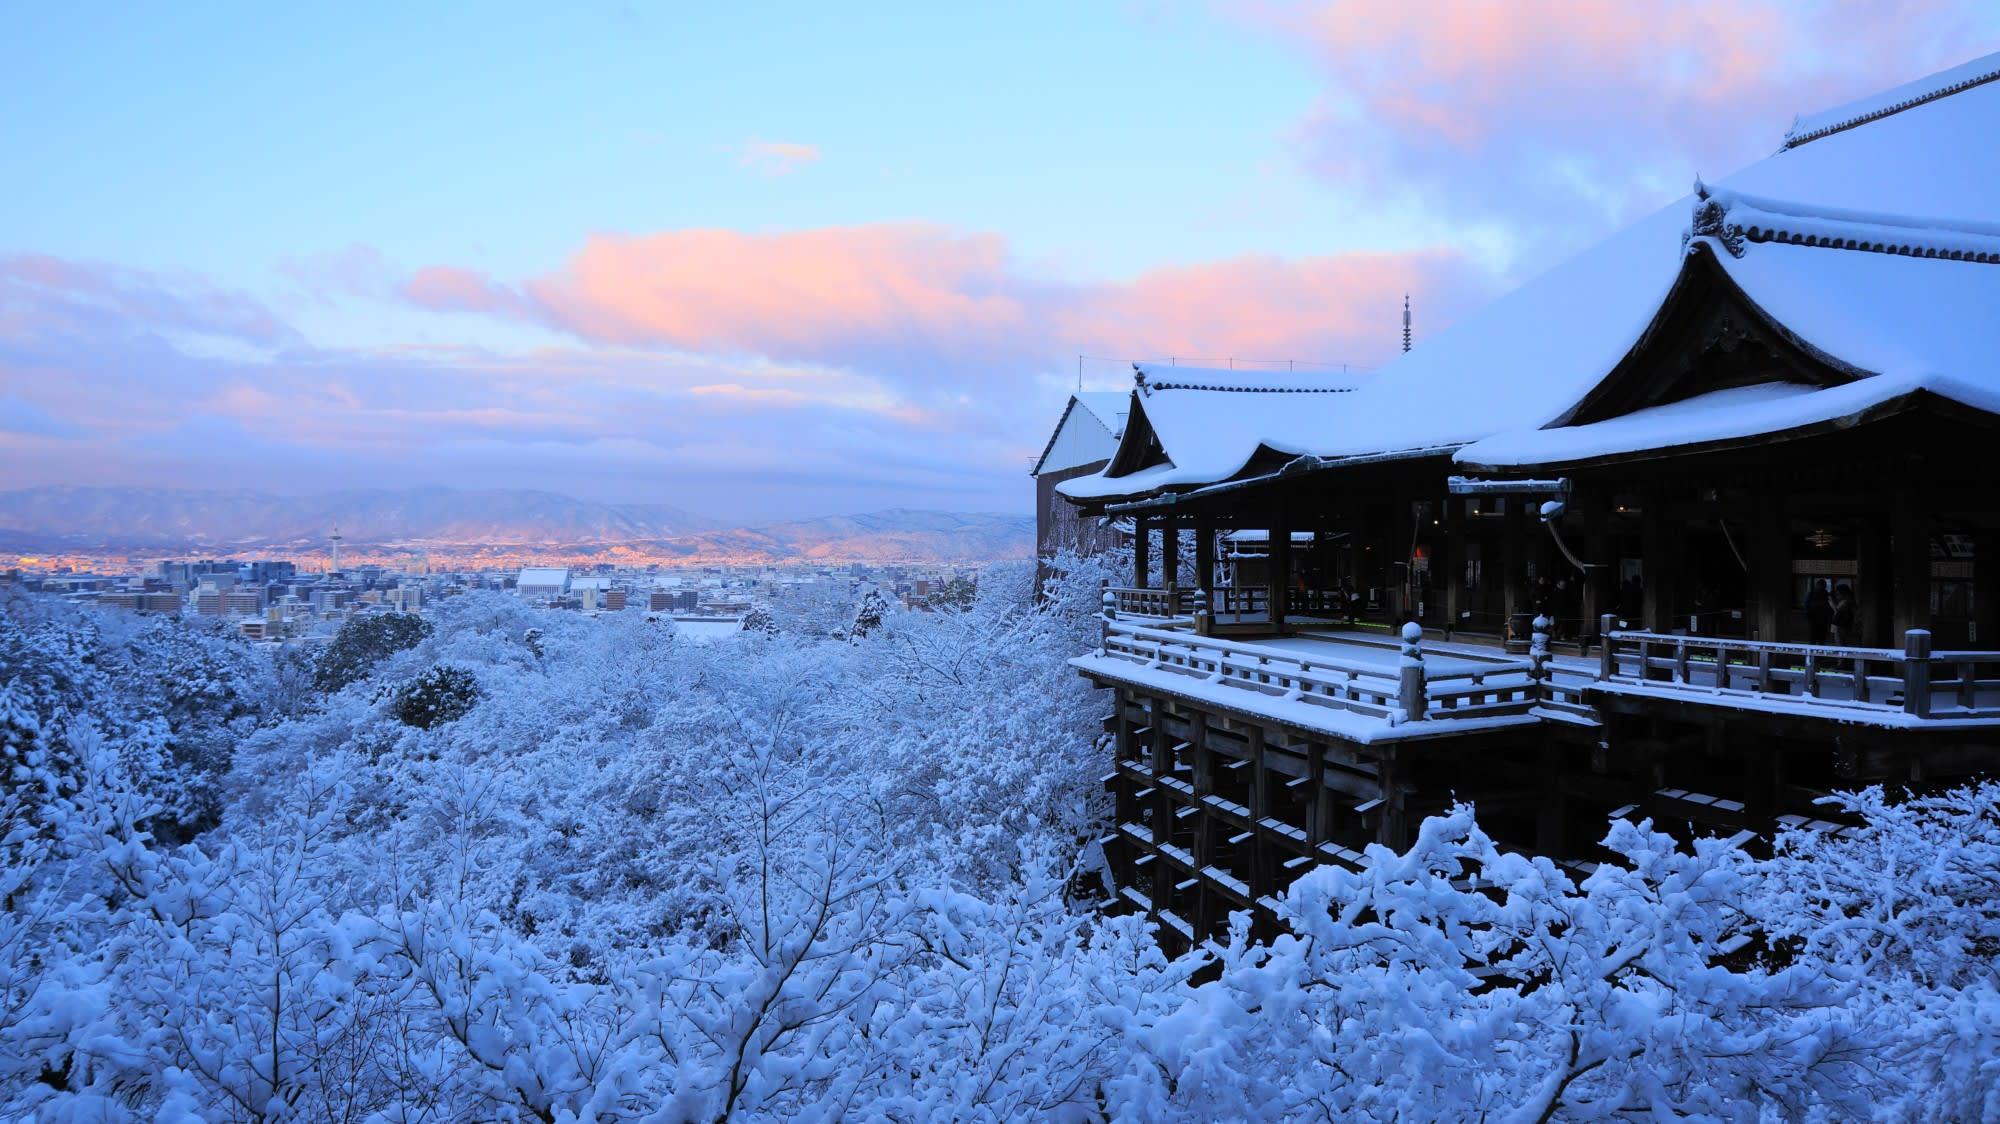 擁有寬廣雪景的清水寺 (照片來源:https://goo.gl/UR48PA)